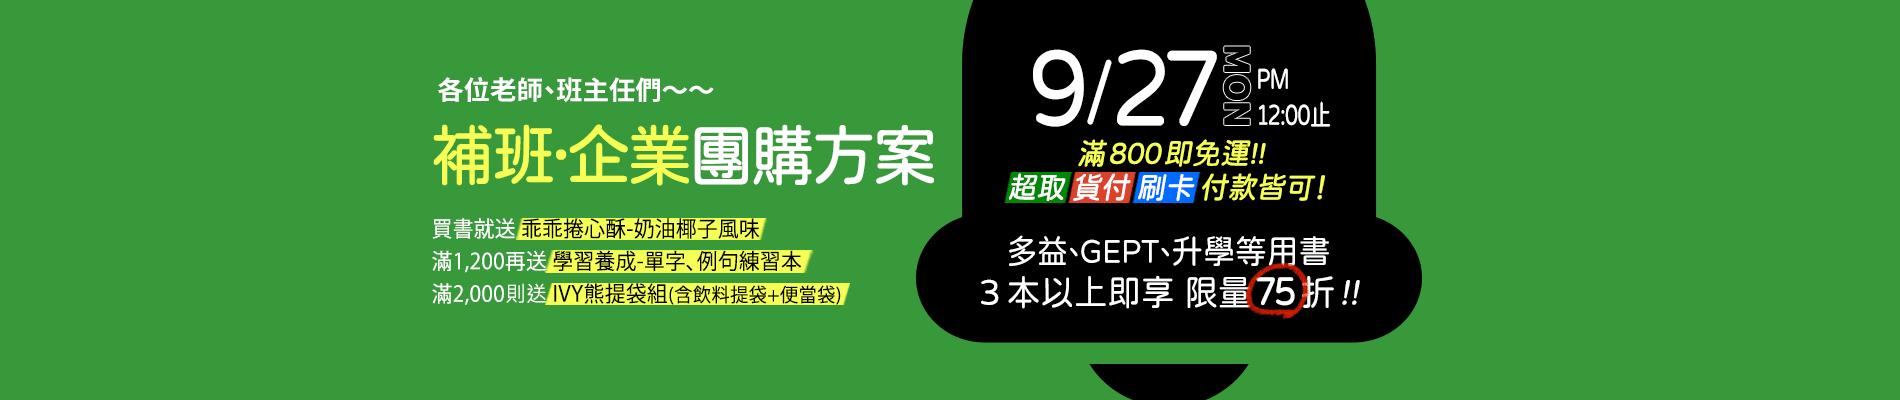 【補習班.復課紓困限定】單一品項購買3本以上享 75折!